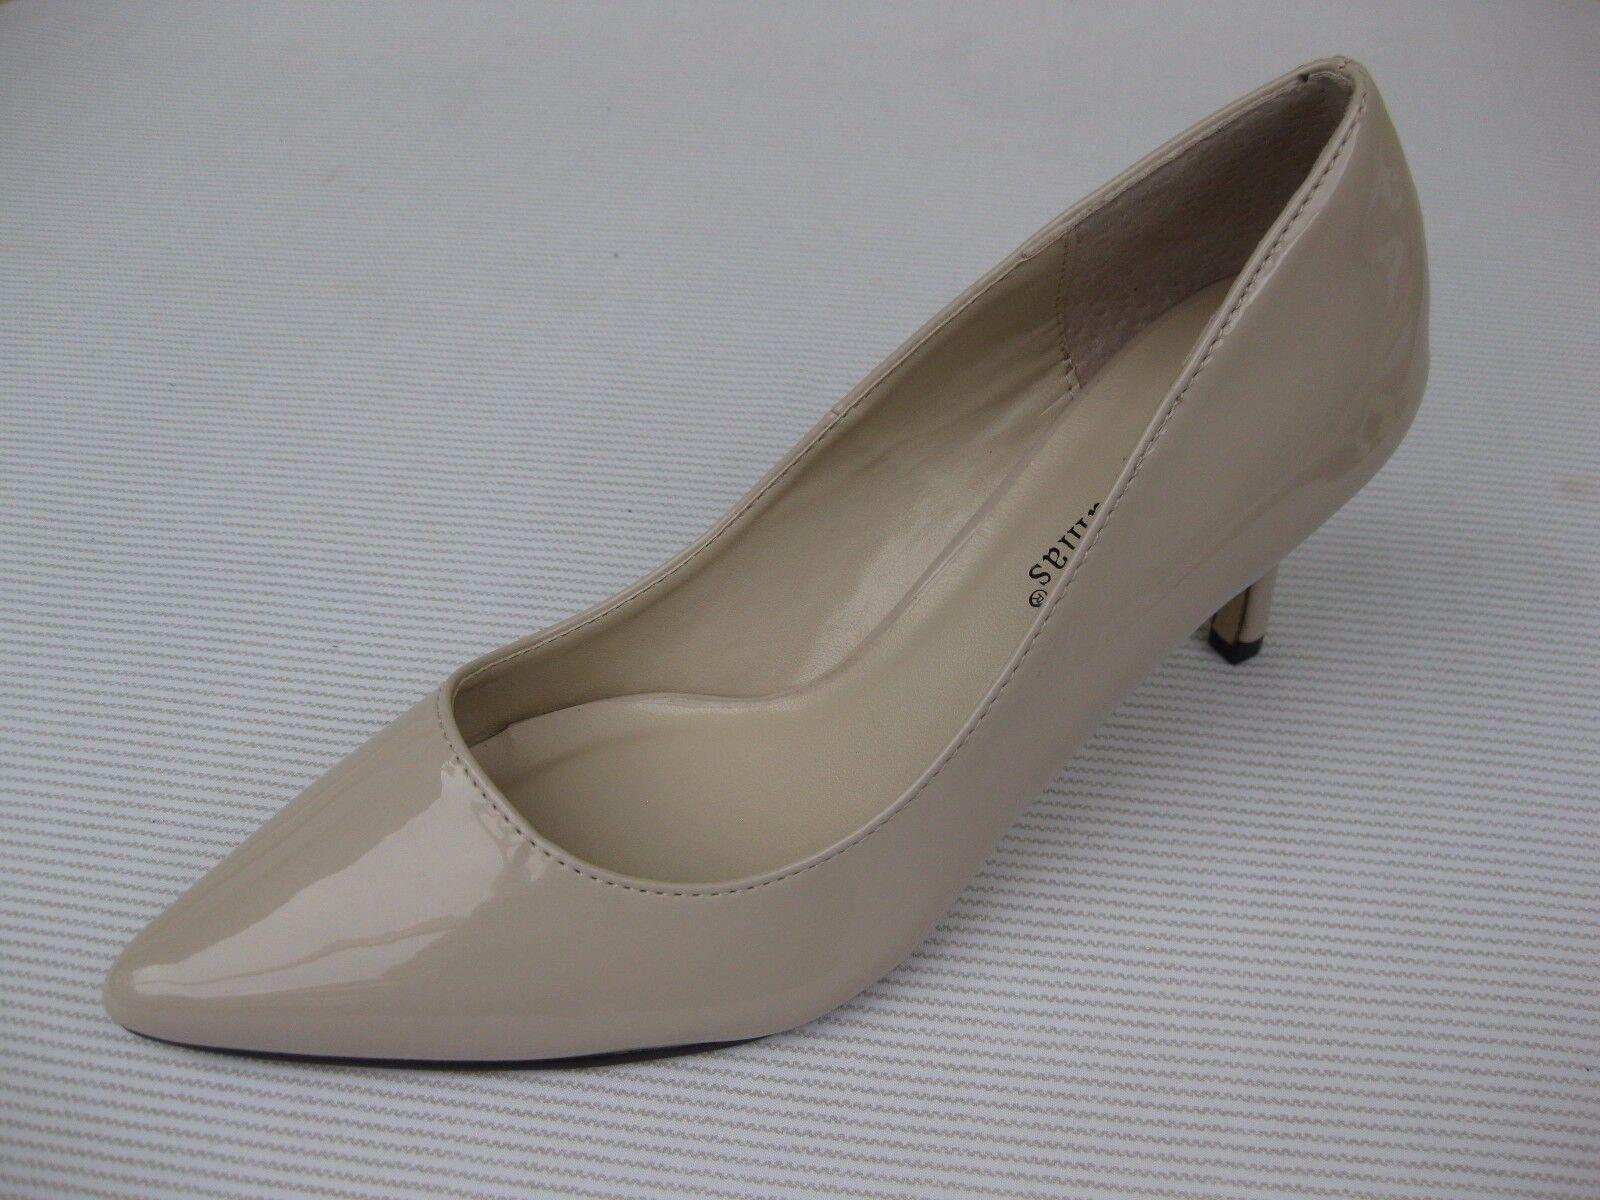 Pierre $45 Dumas Womens Shoes NEW $45 Pierre Paris Nude Patent Pump 8 M a251c9